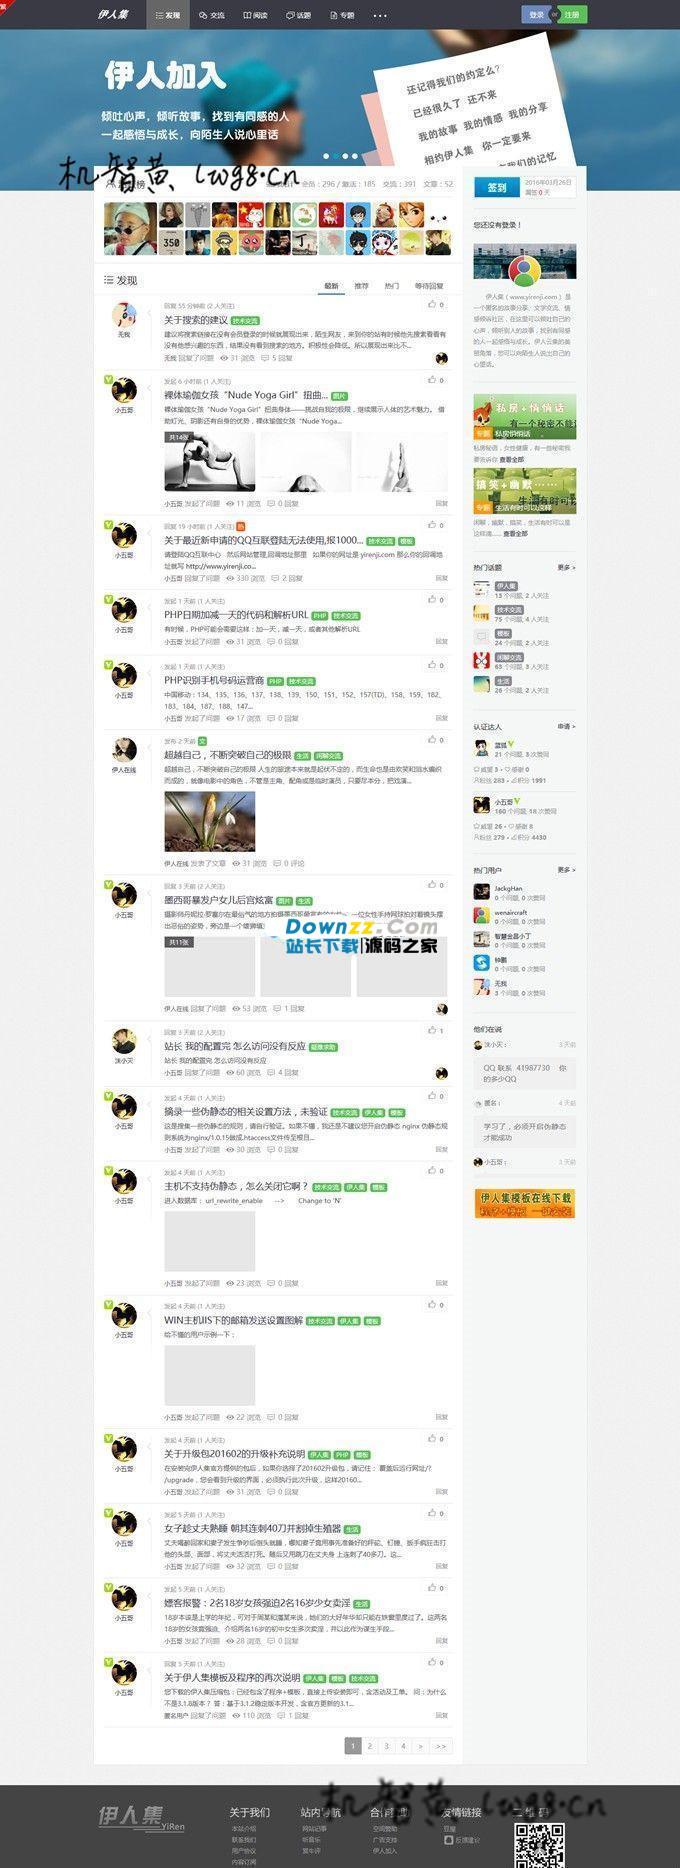 伊人集清新简洁社区整站源码 v2.3